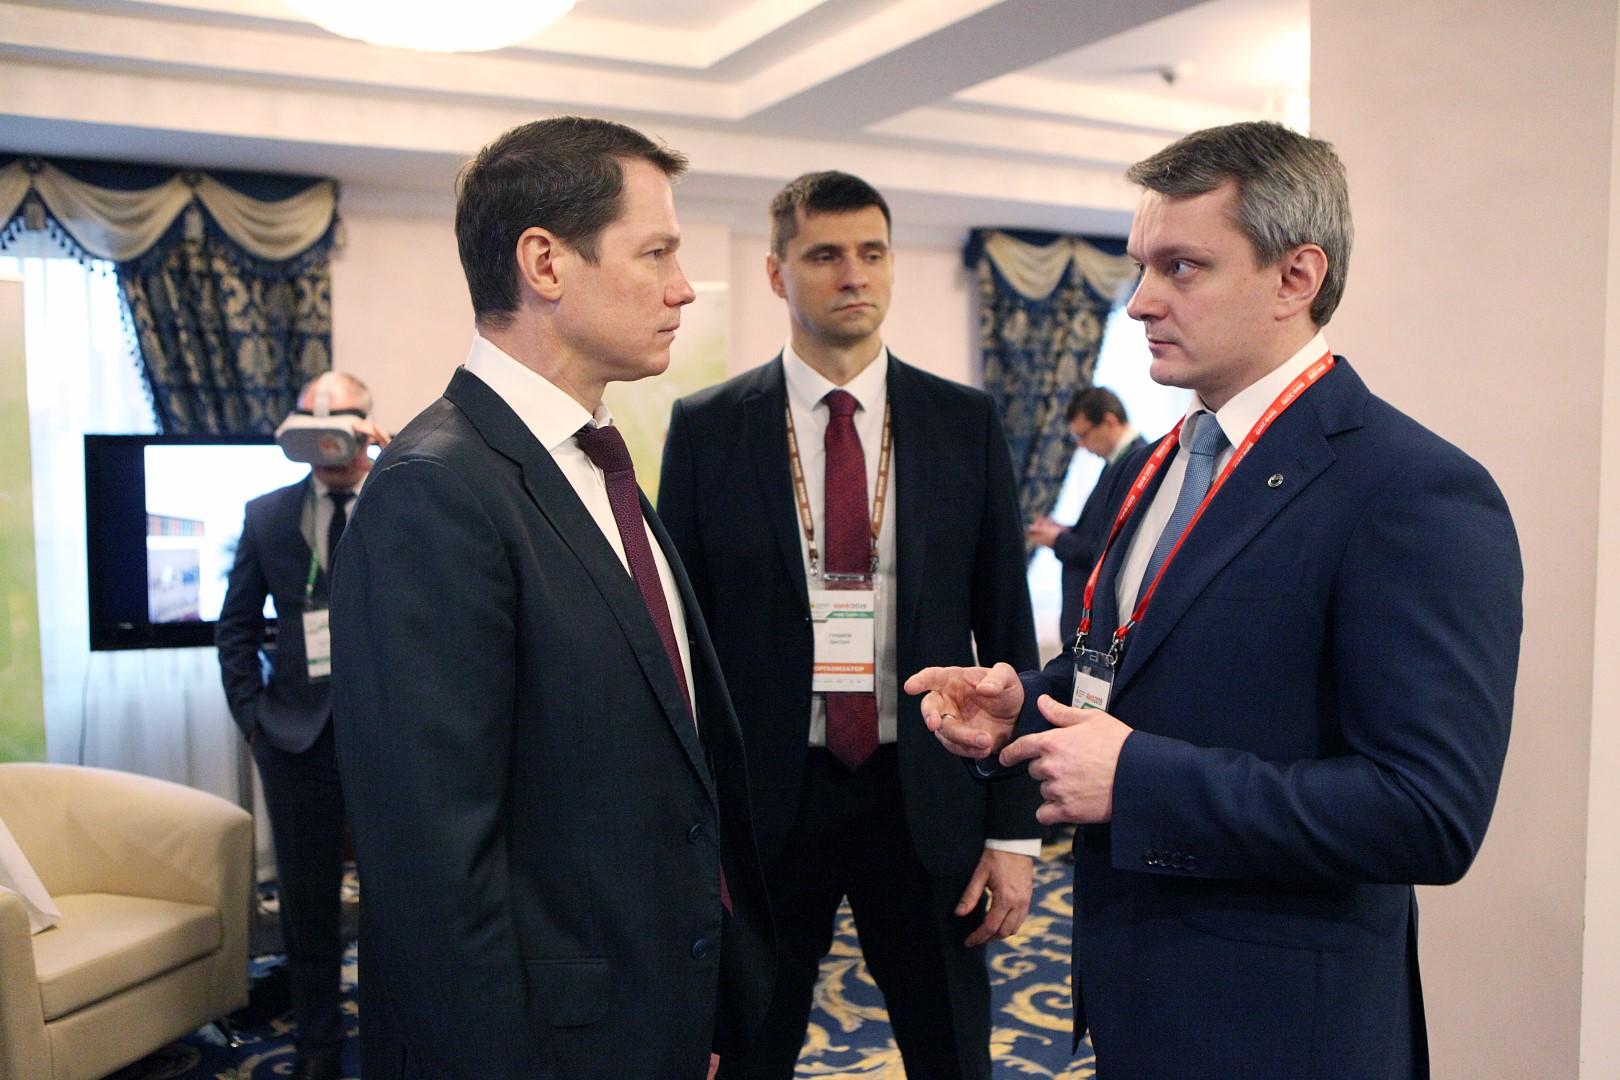 На Ярославском инвестиционном форуме подписано 5 соглашений по реализации в регионе различных проектов